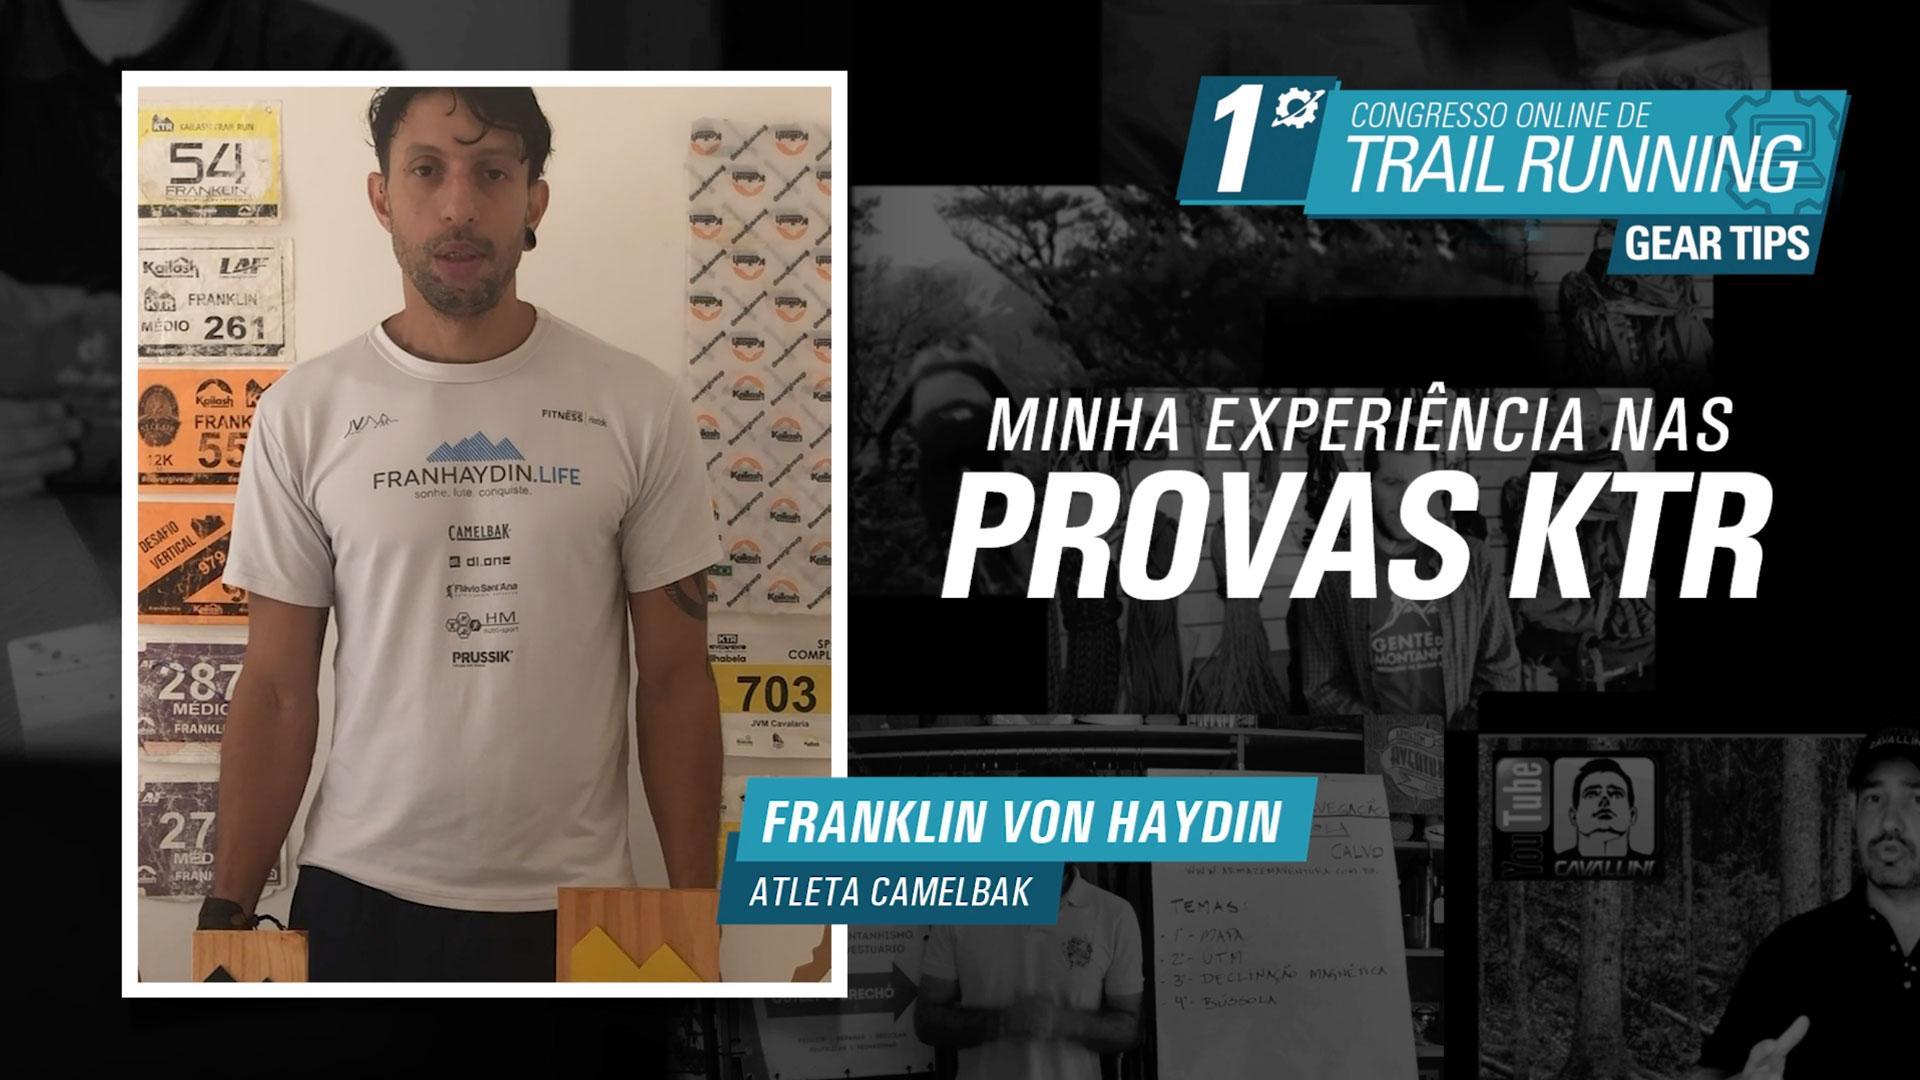 Provas KTR - Franklin Von Haydin